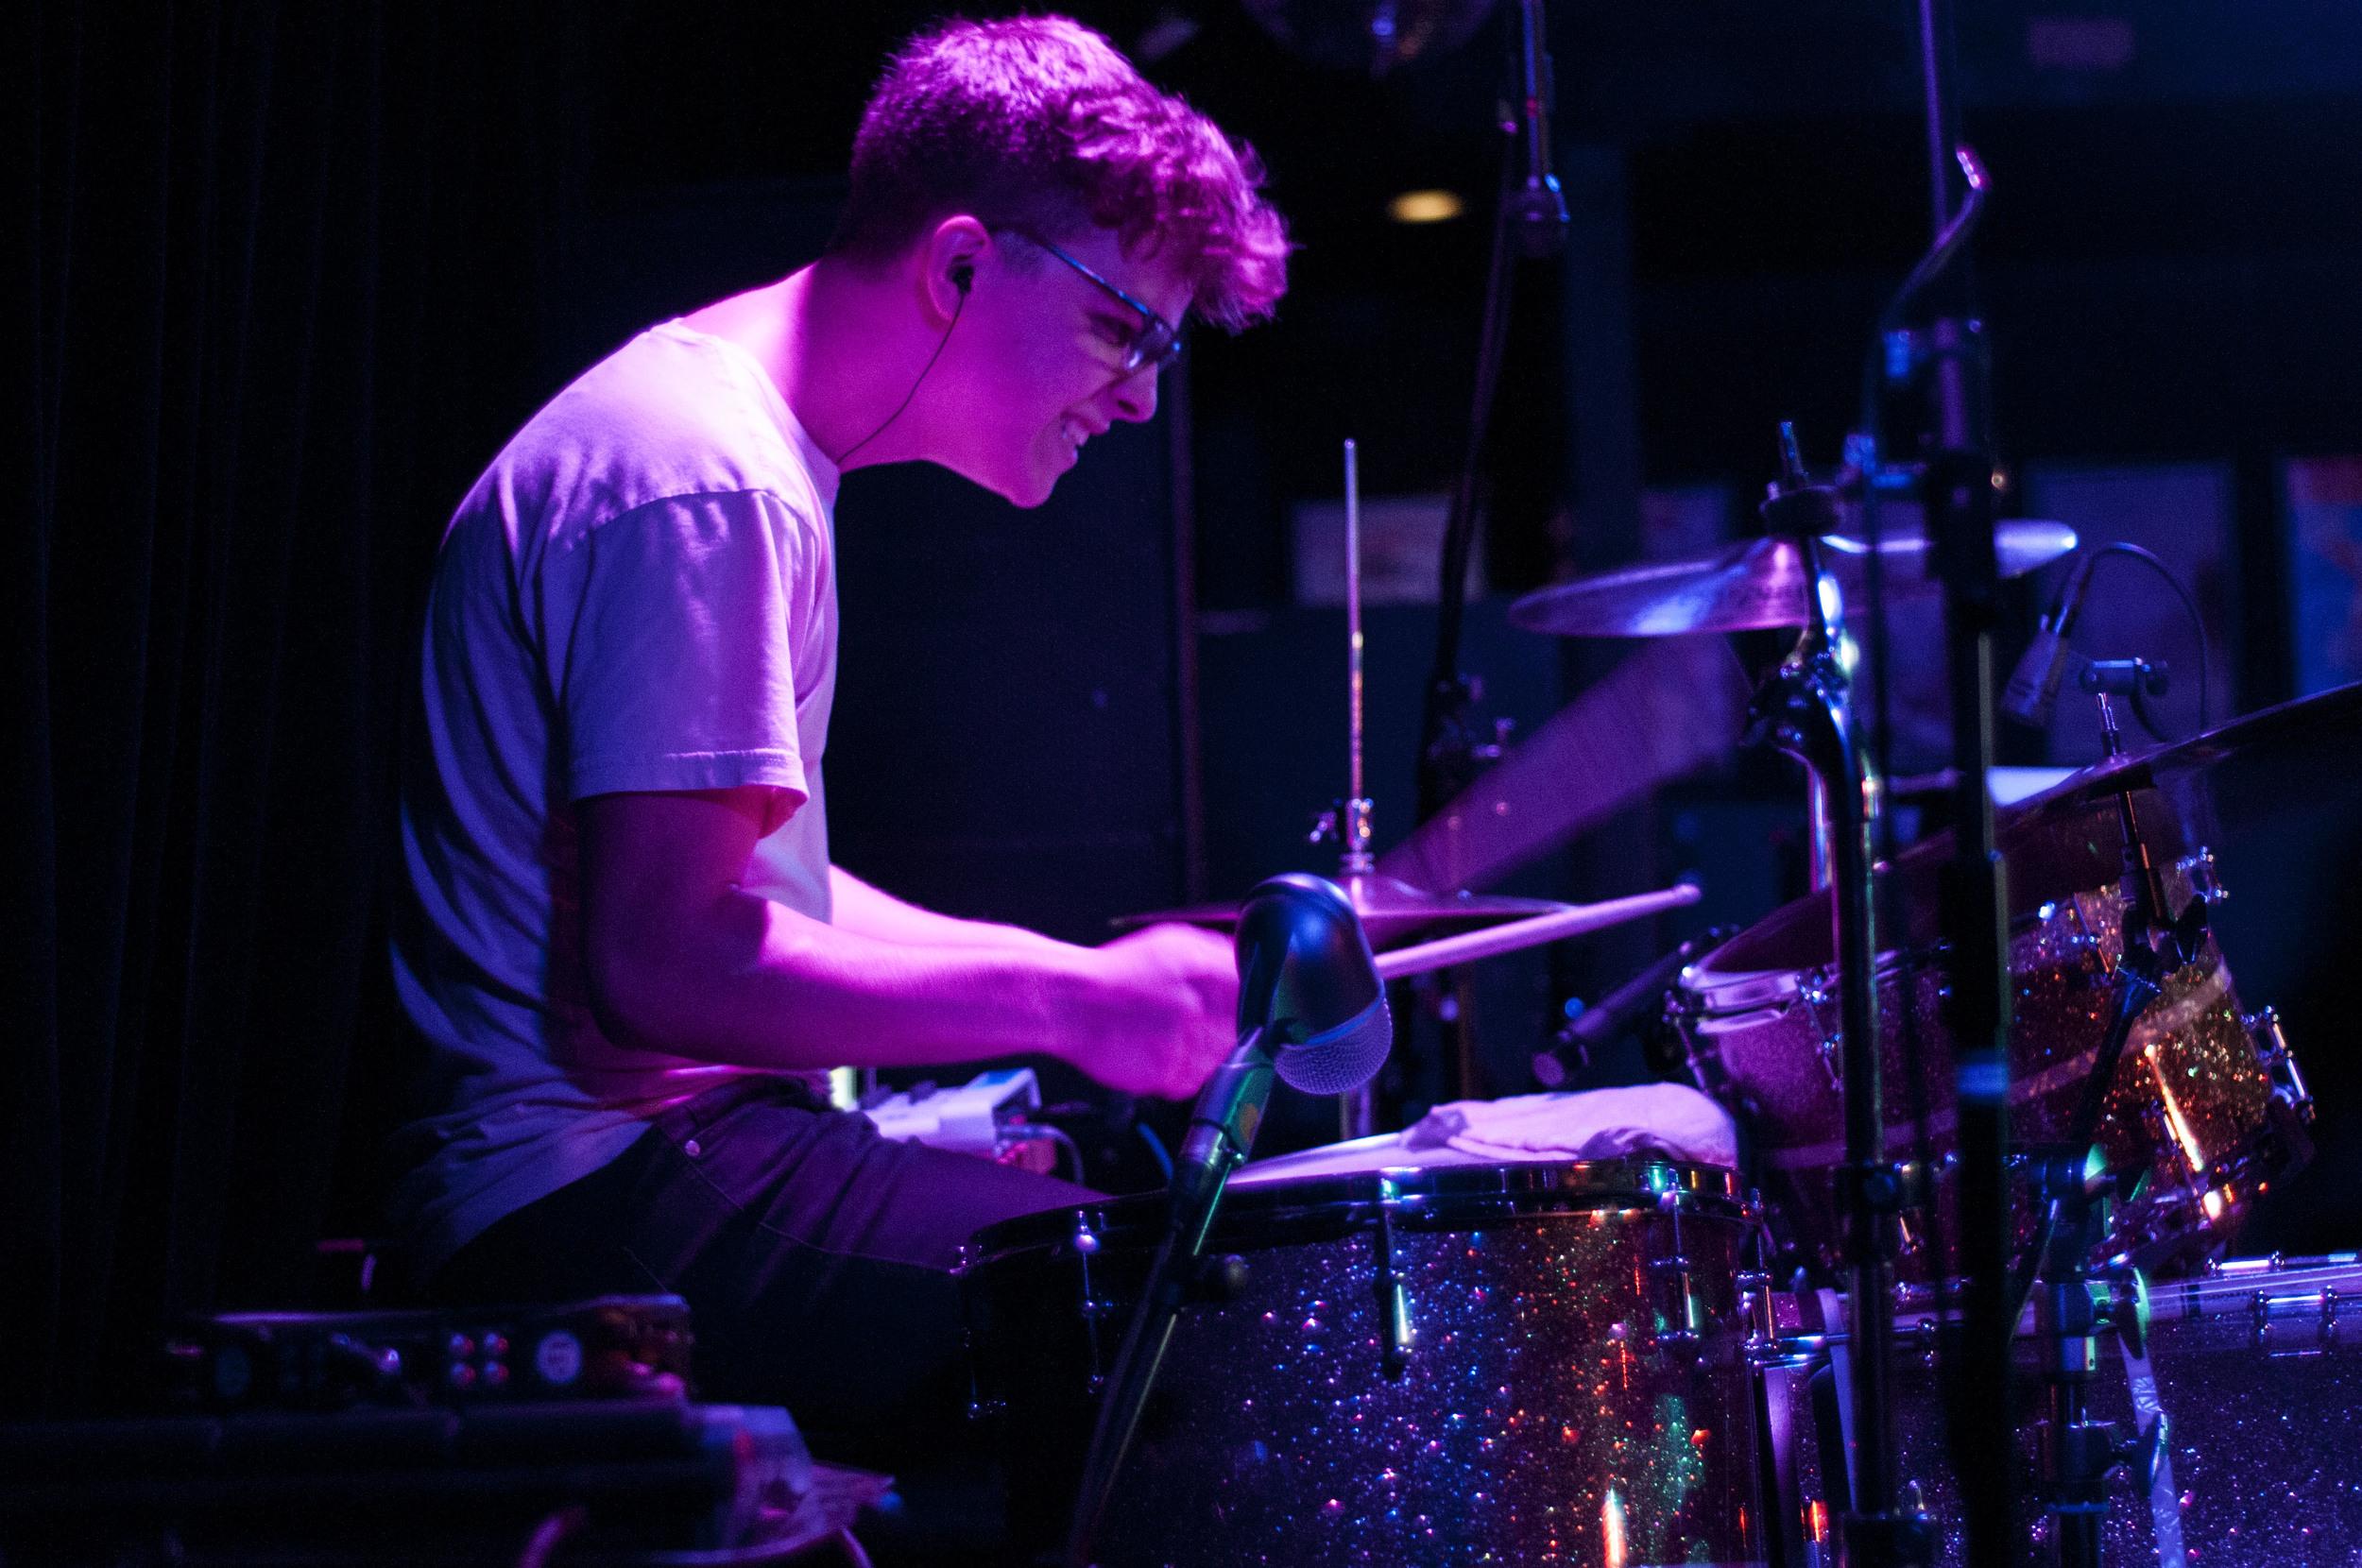 Jordan Klassen@ Biltmore Photo by Jessica Brodeur